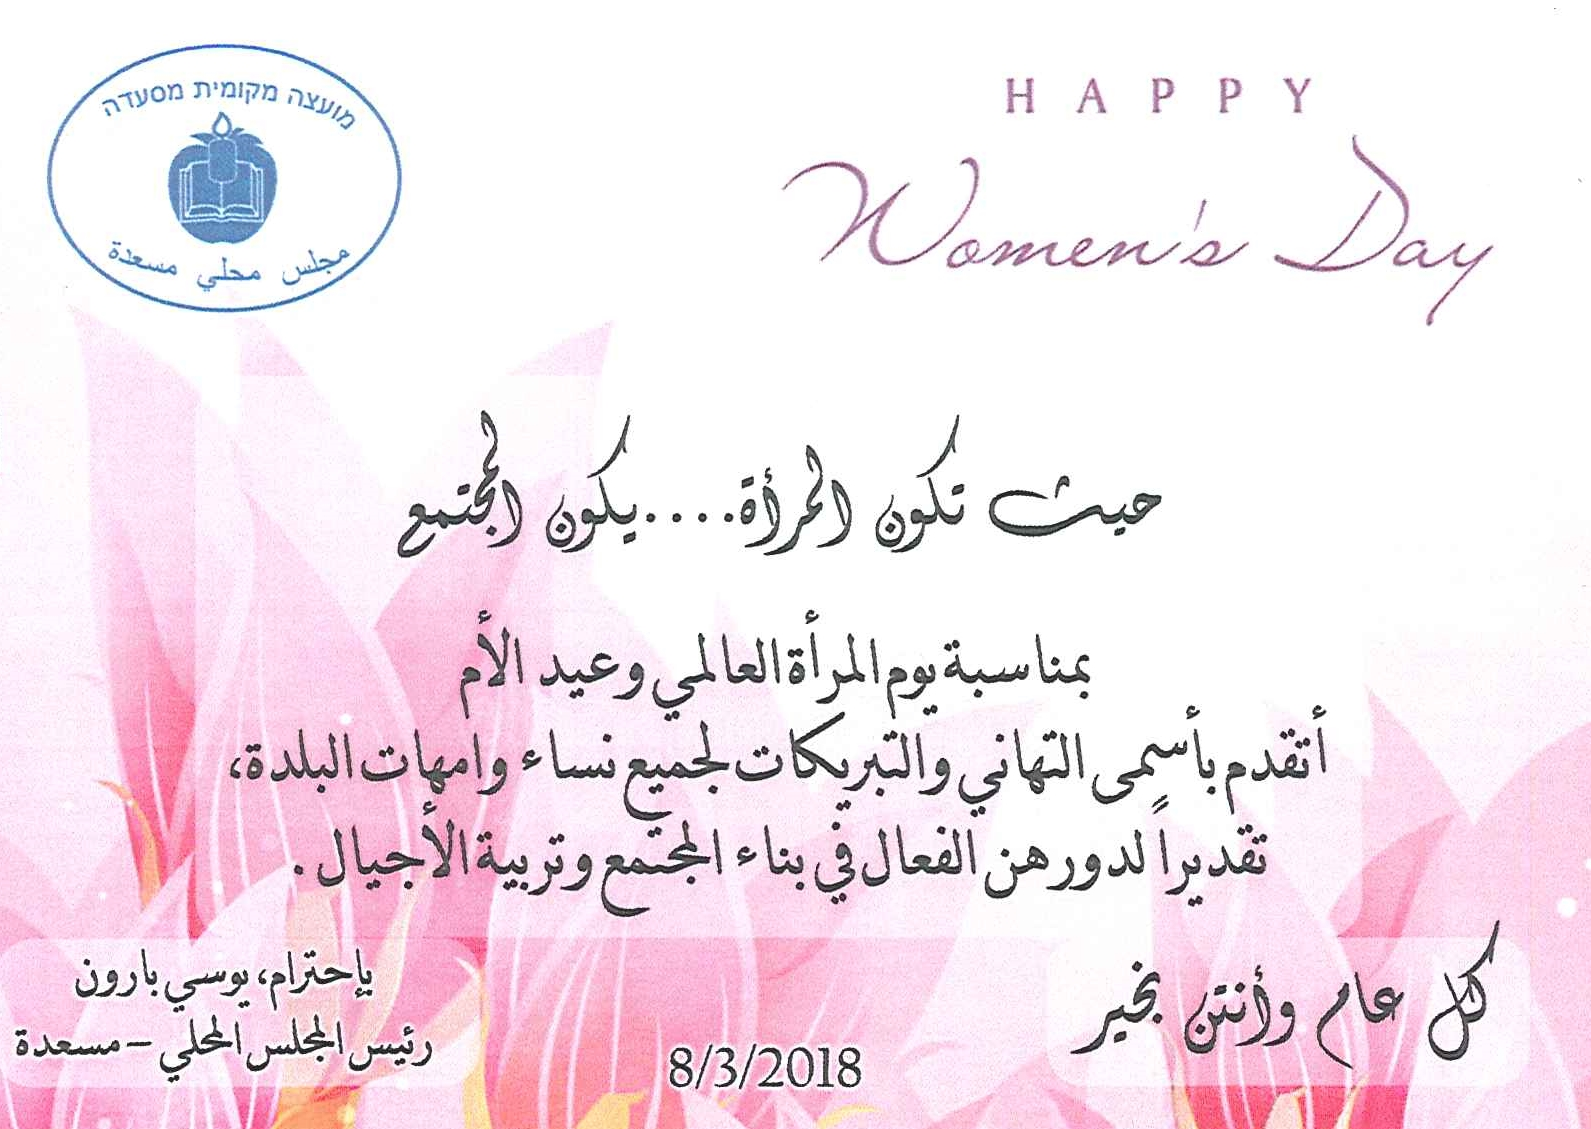 يوم المرأة العالمي وعيد الأم